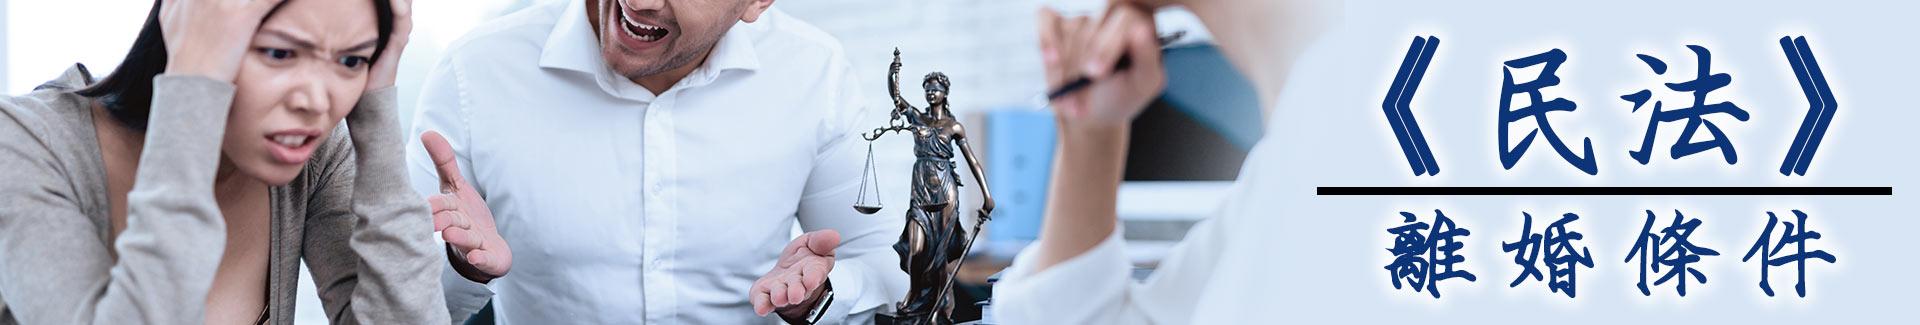 依照《民法》離婚條件